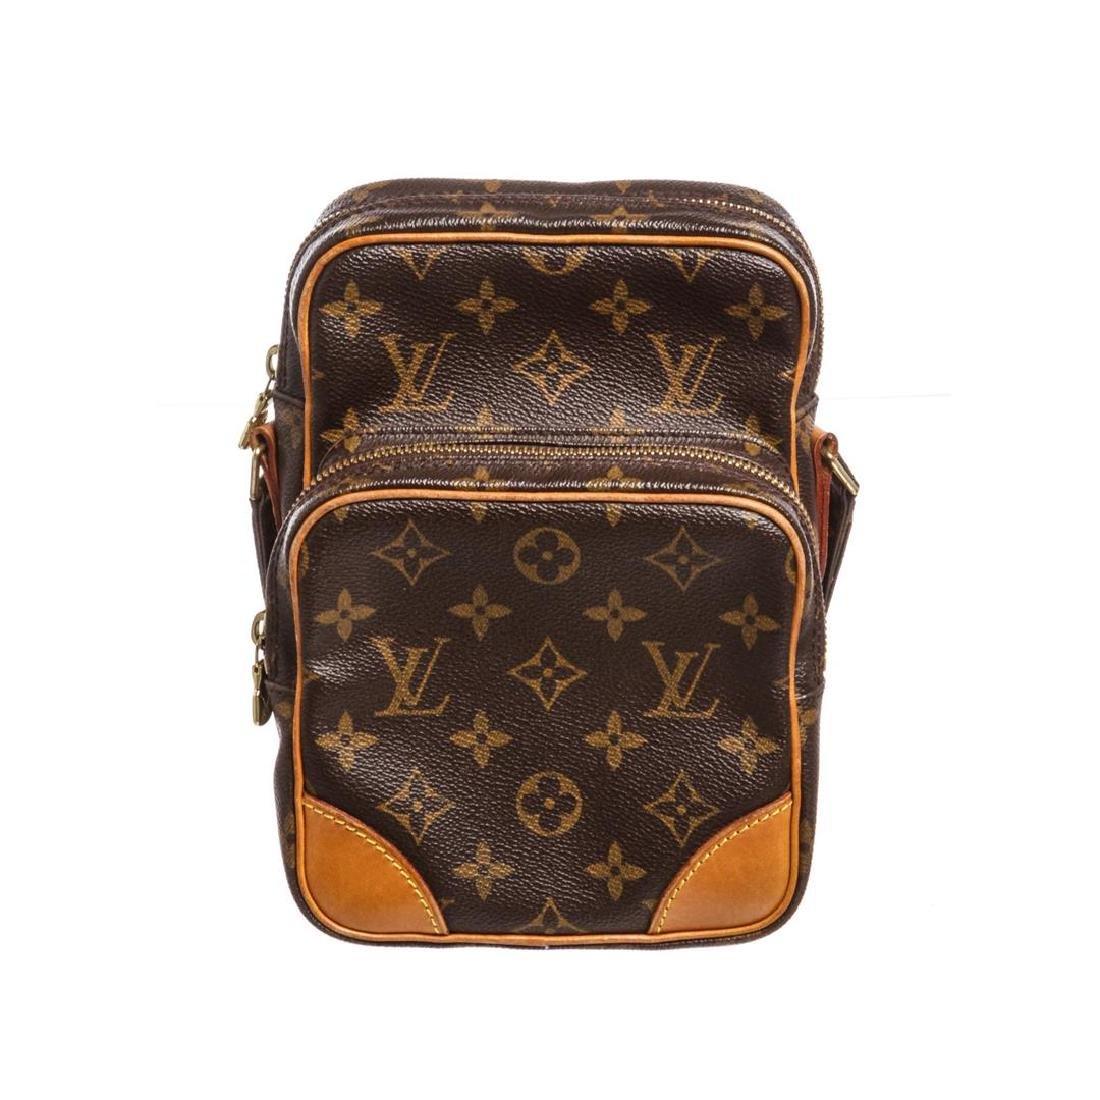 Louis Vuitton Monogram Canvas Leather Amazone Crossbody